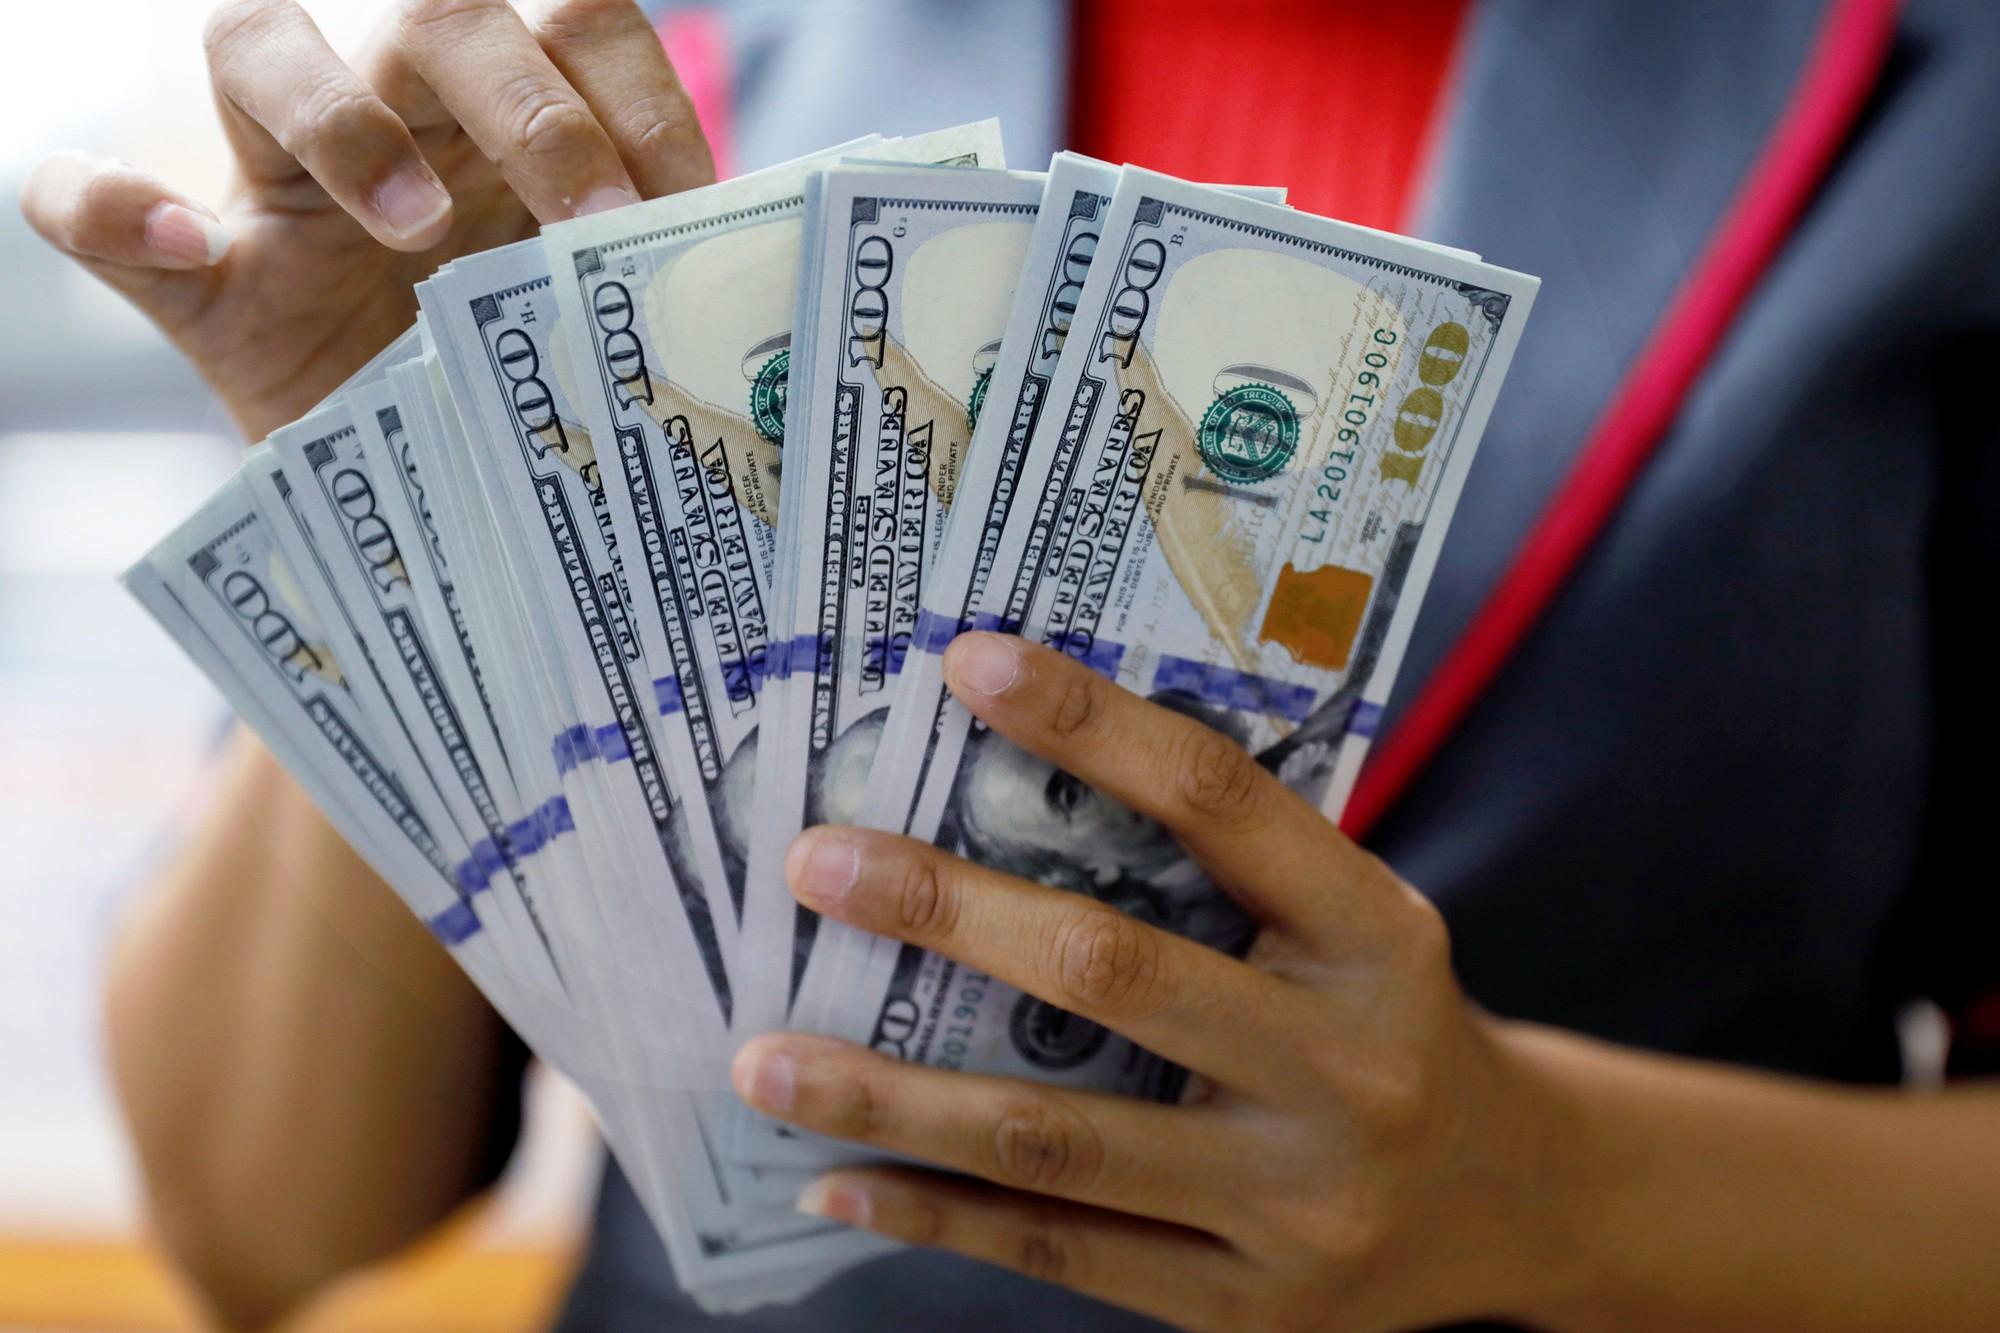 Tỷ giá USD hôm nay 18/8: Tăng trong bối cảnh giới đầu tư thận trọng trước bất ổn chính trị và kinh tế - Ảnh 1.